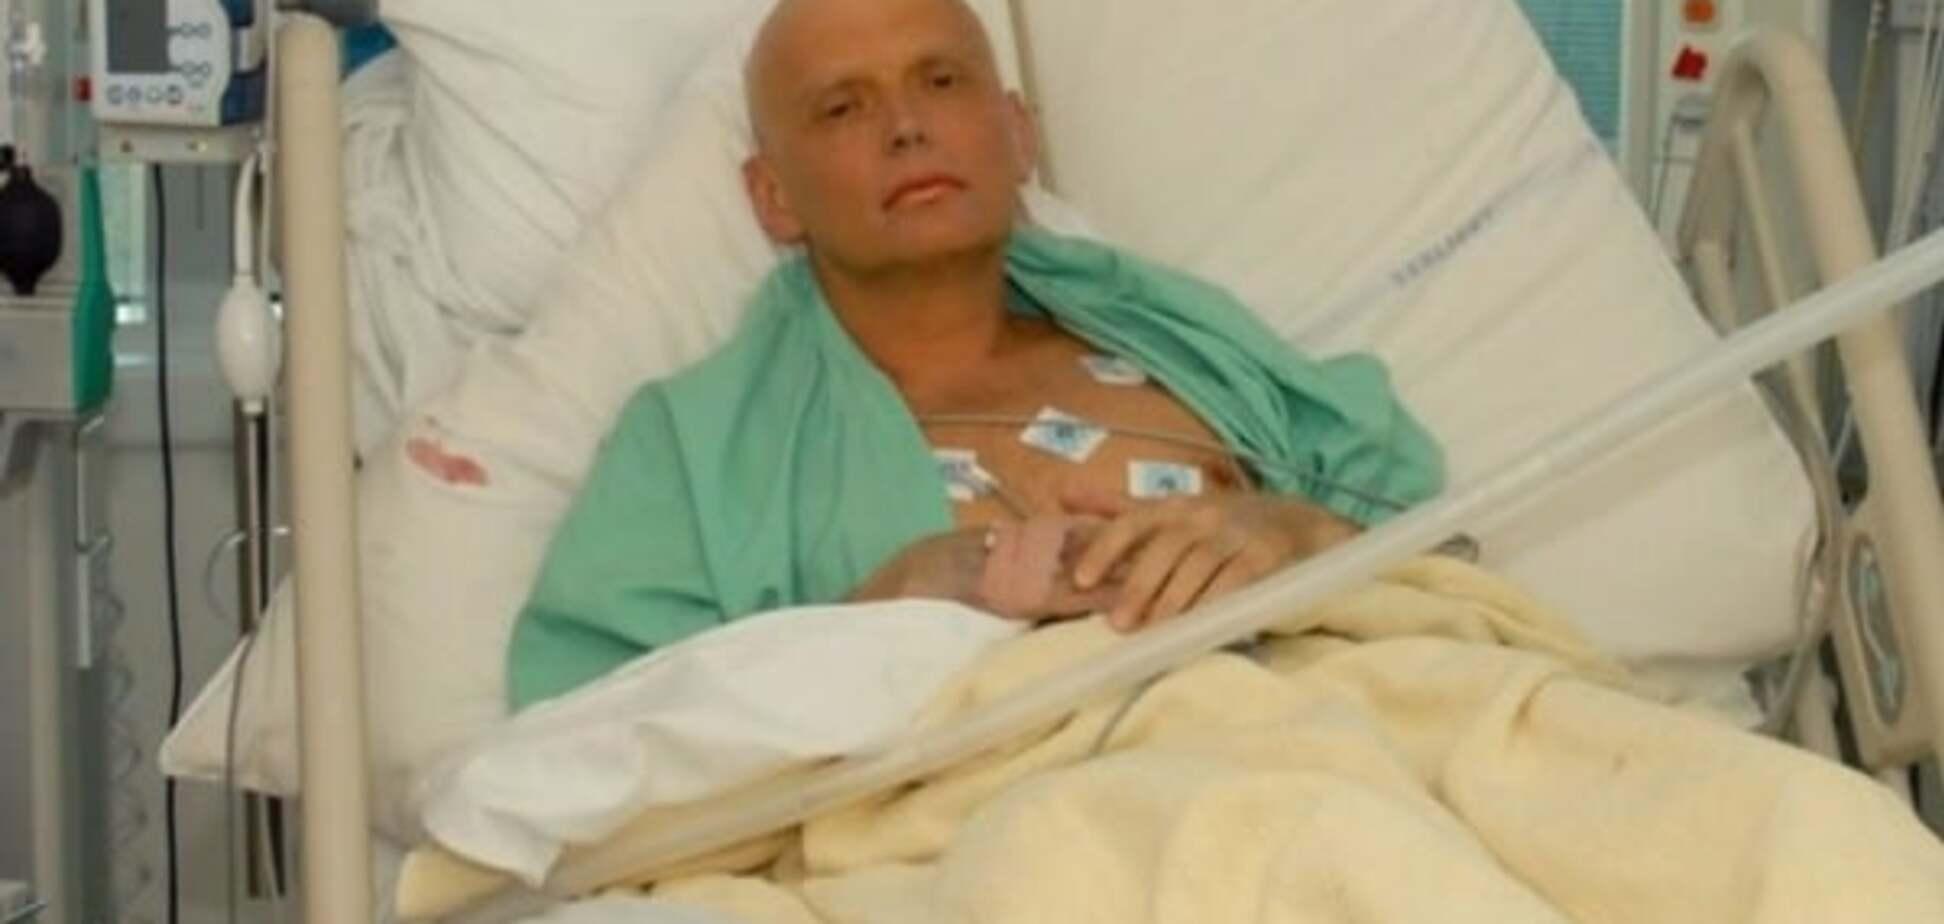 Опубликован полный текст доклада Лондонского суда по убийству Литвиненко